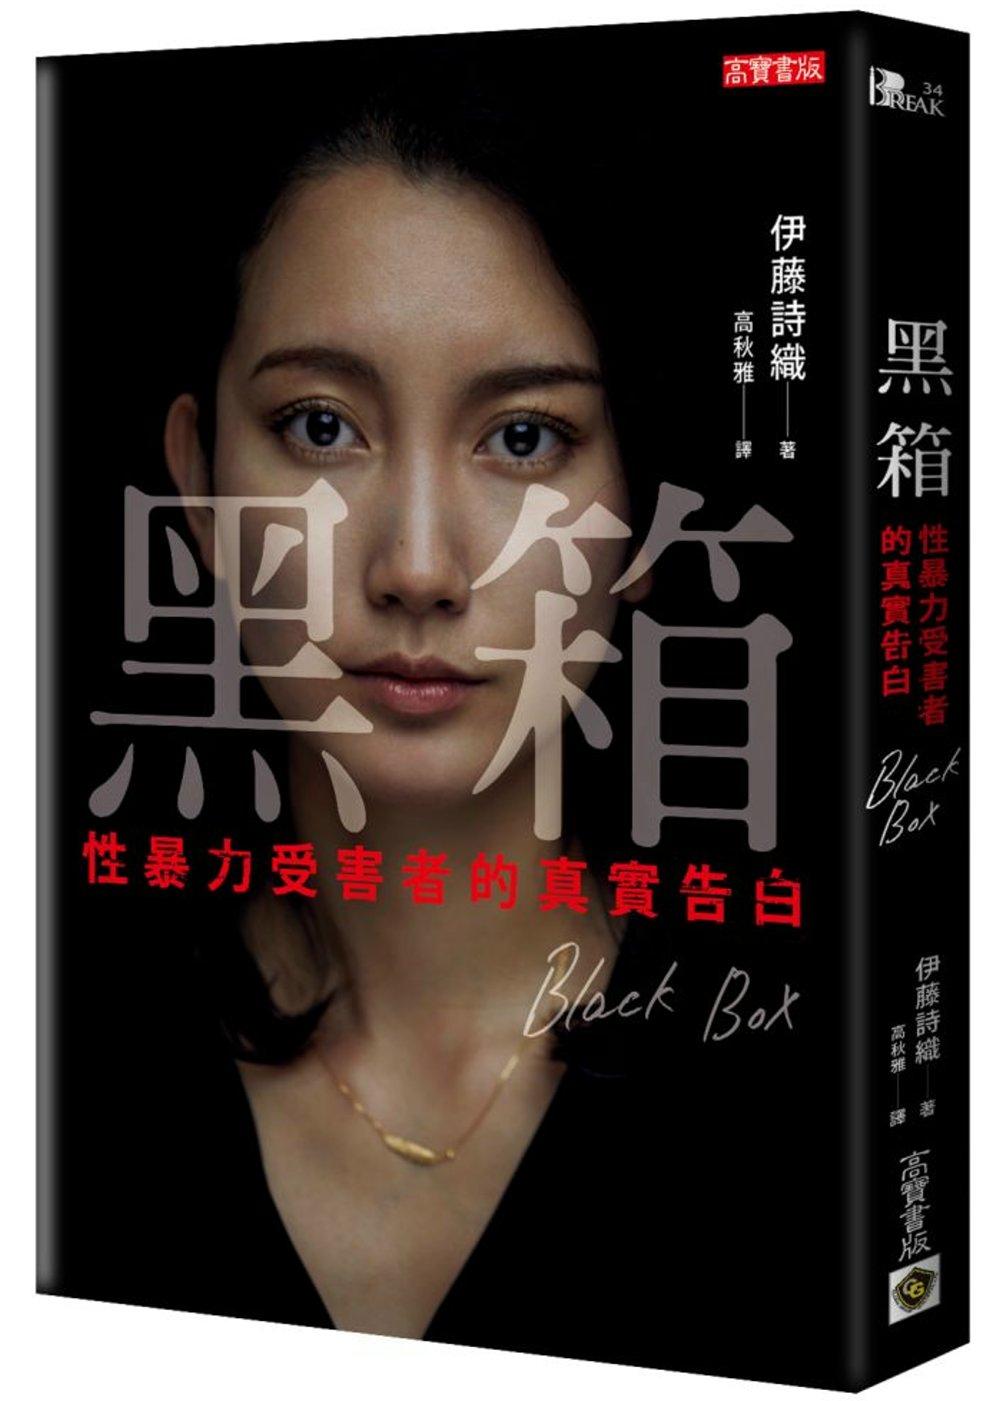 黑箱——性暴力受害者的真實告白